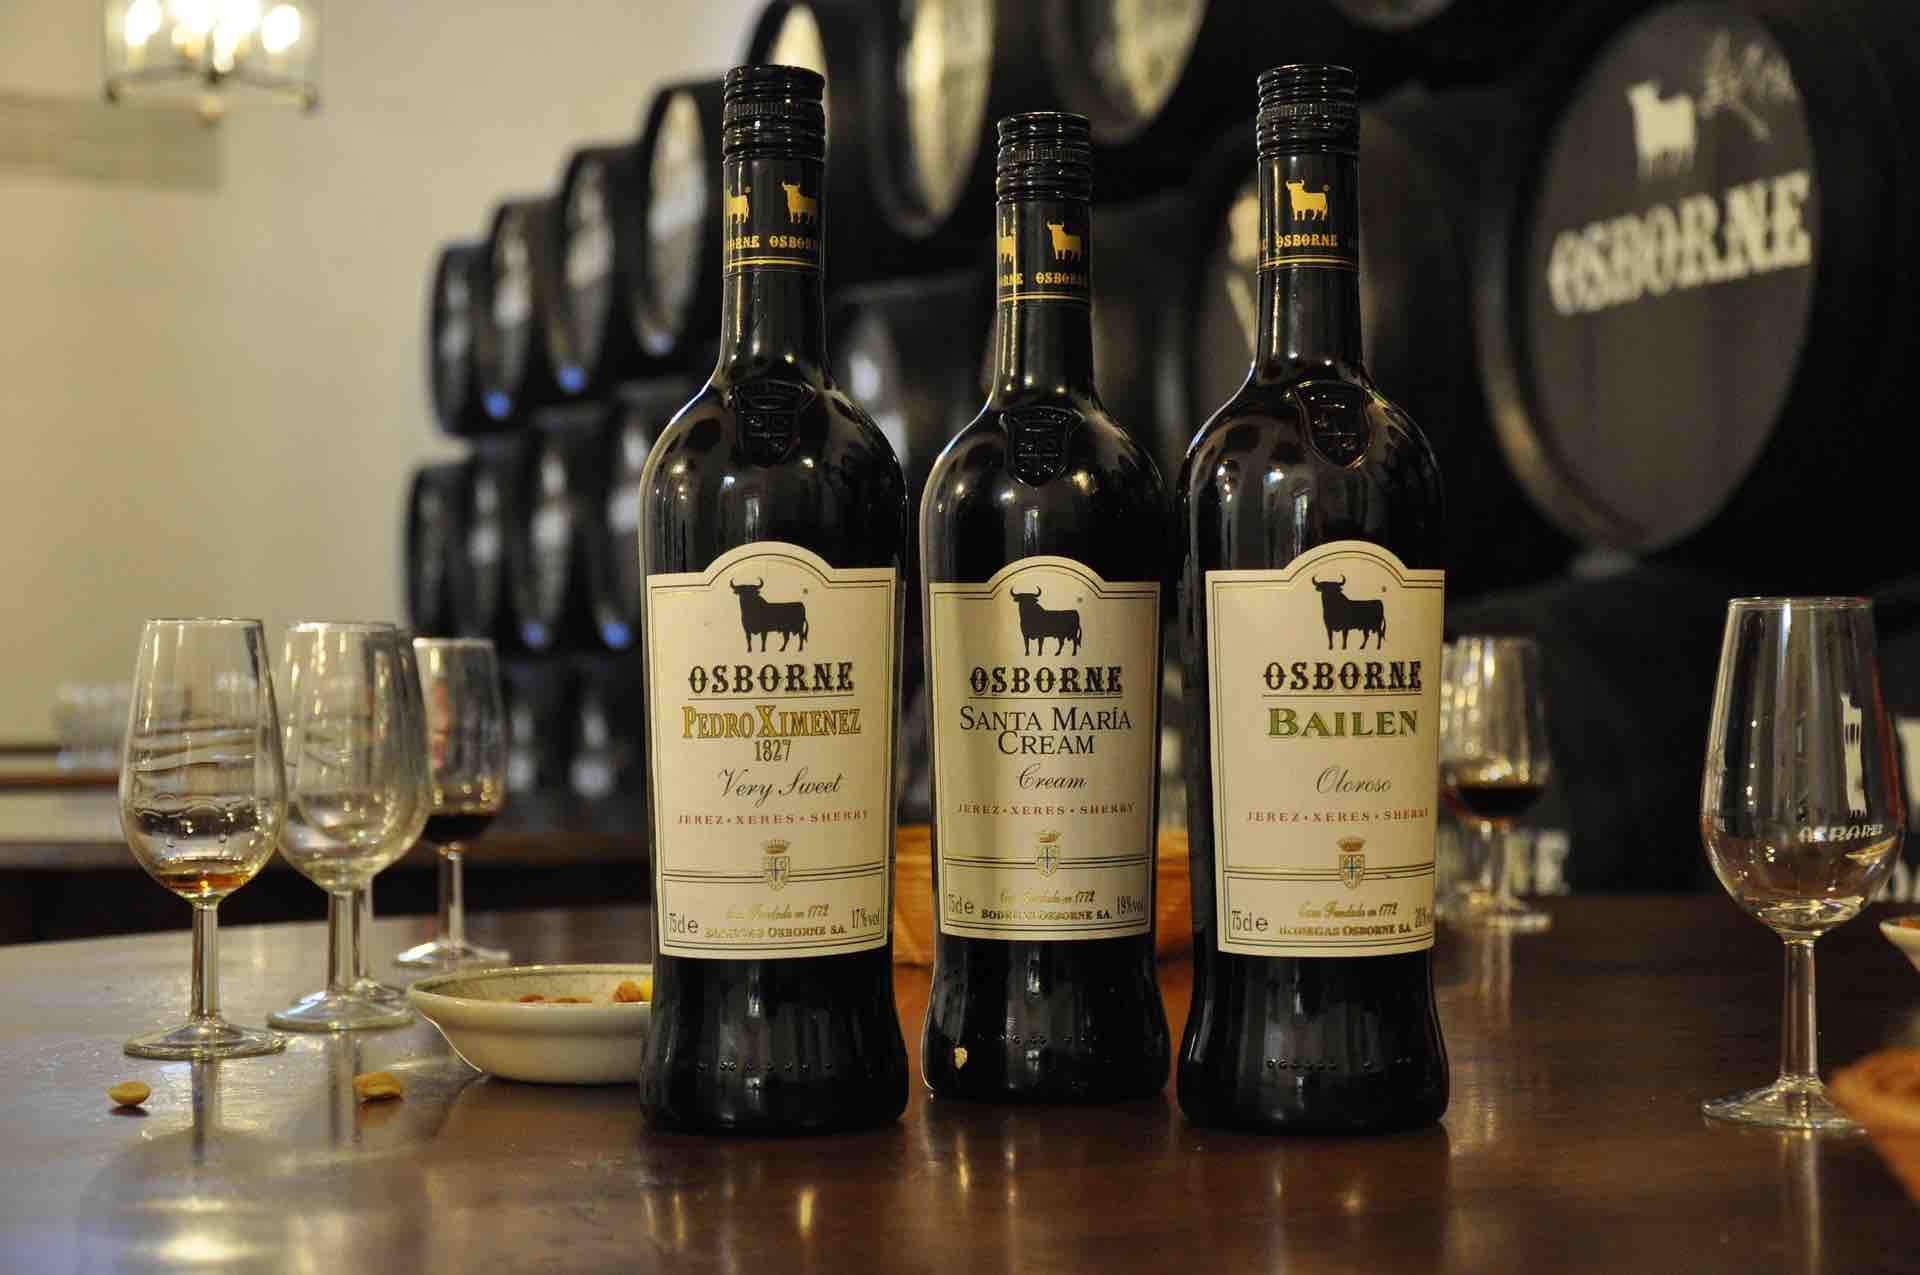 Bottles of Spanish Sherry Alcohol